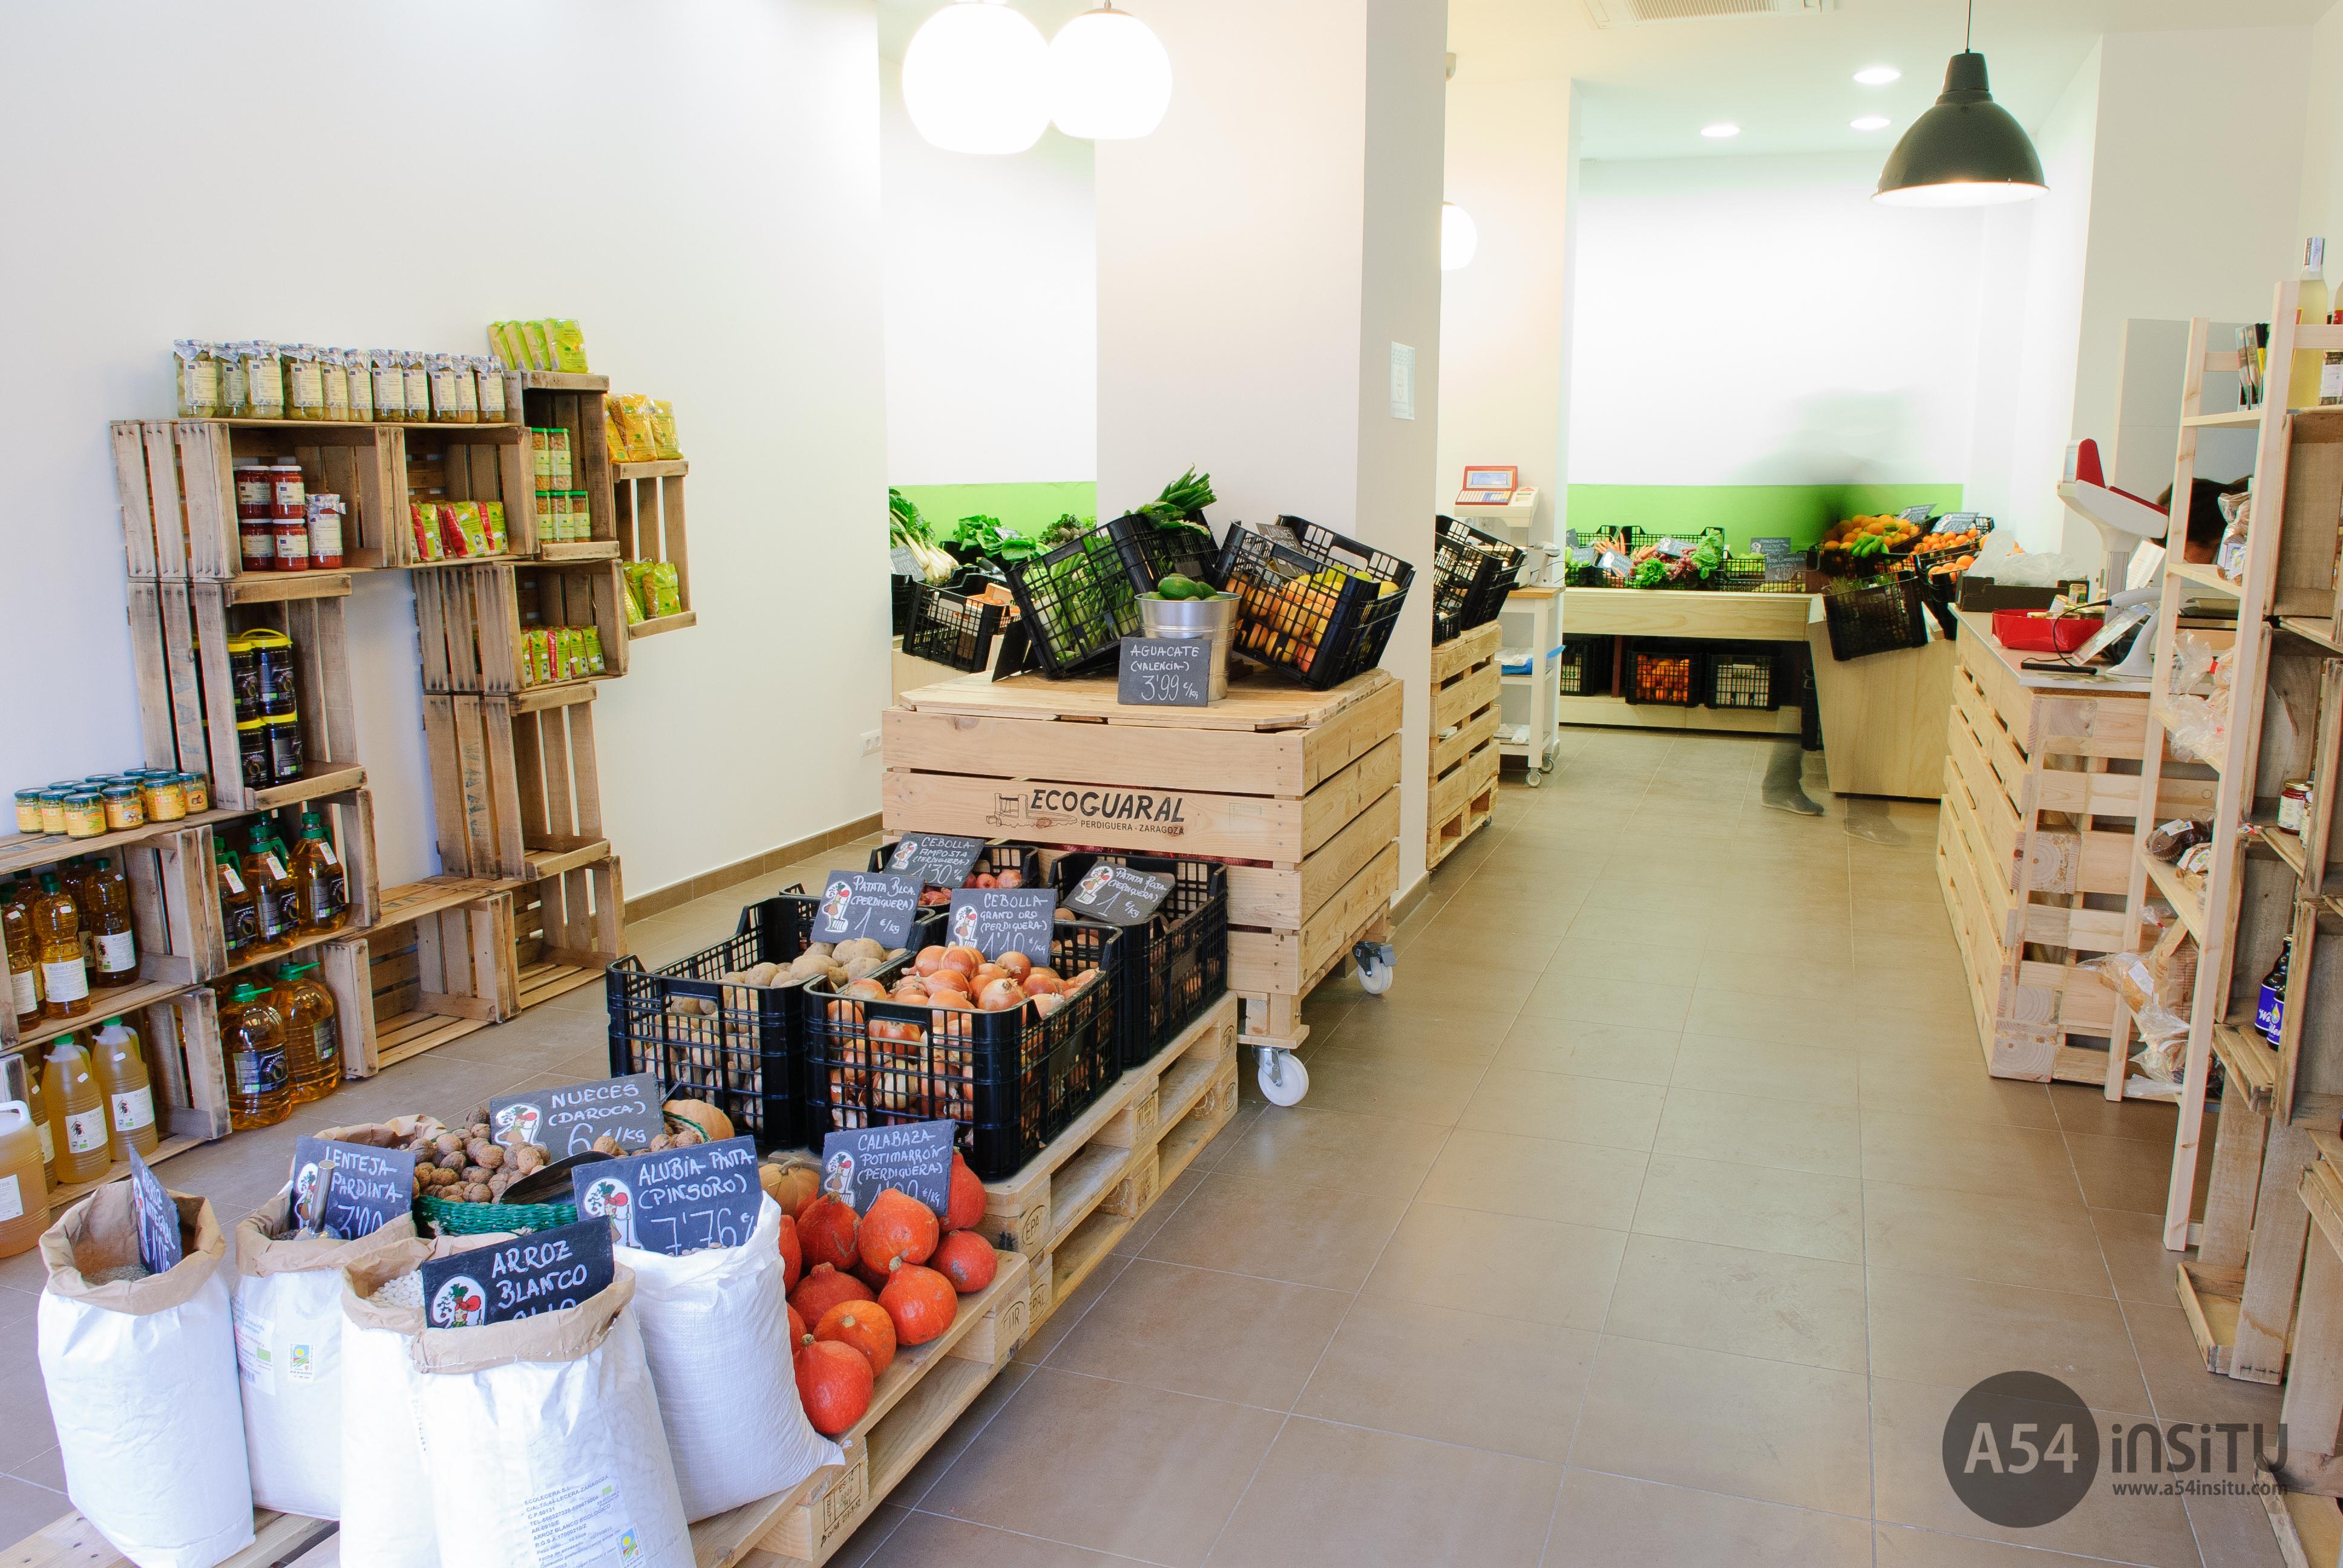 Decoraci n de comercios estilo escandinavo for Decoracion para comercios